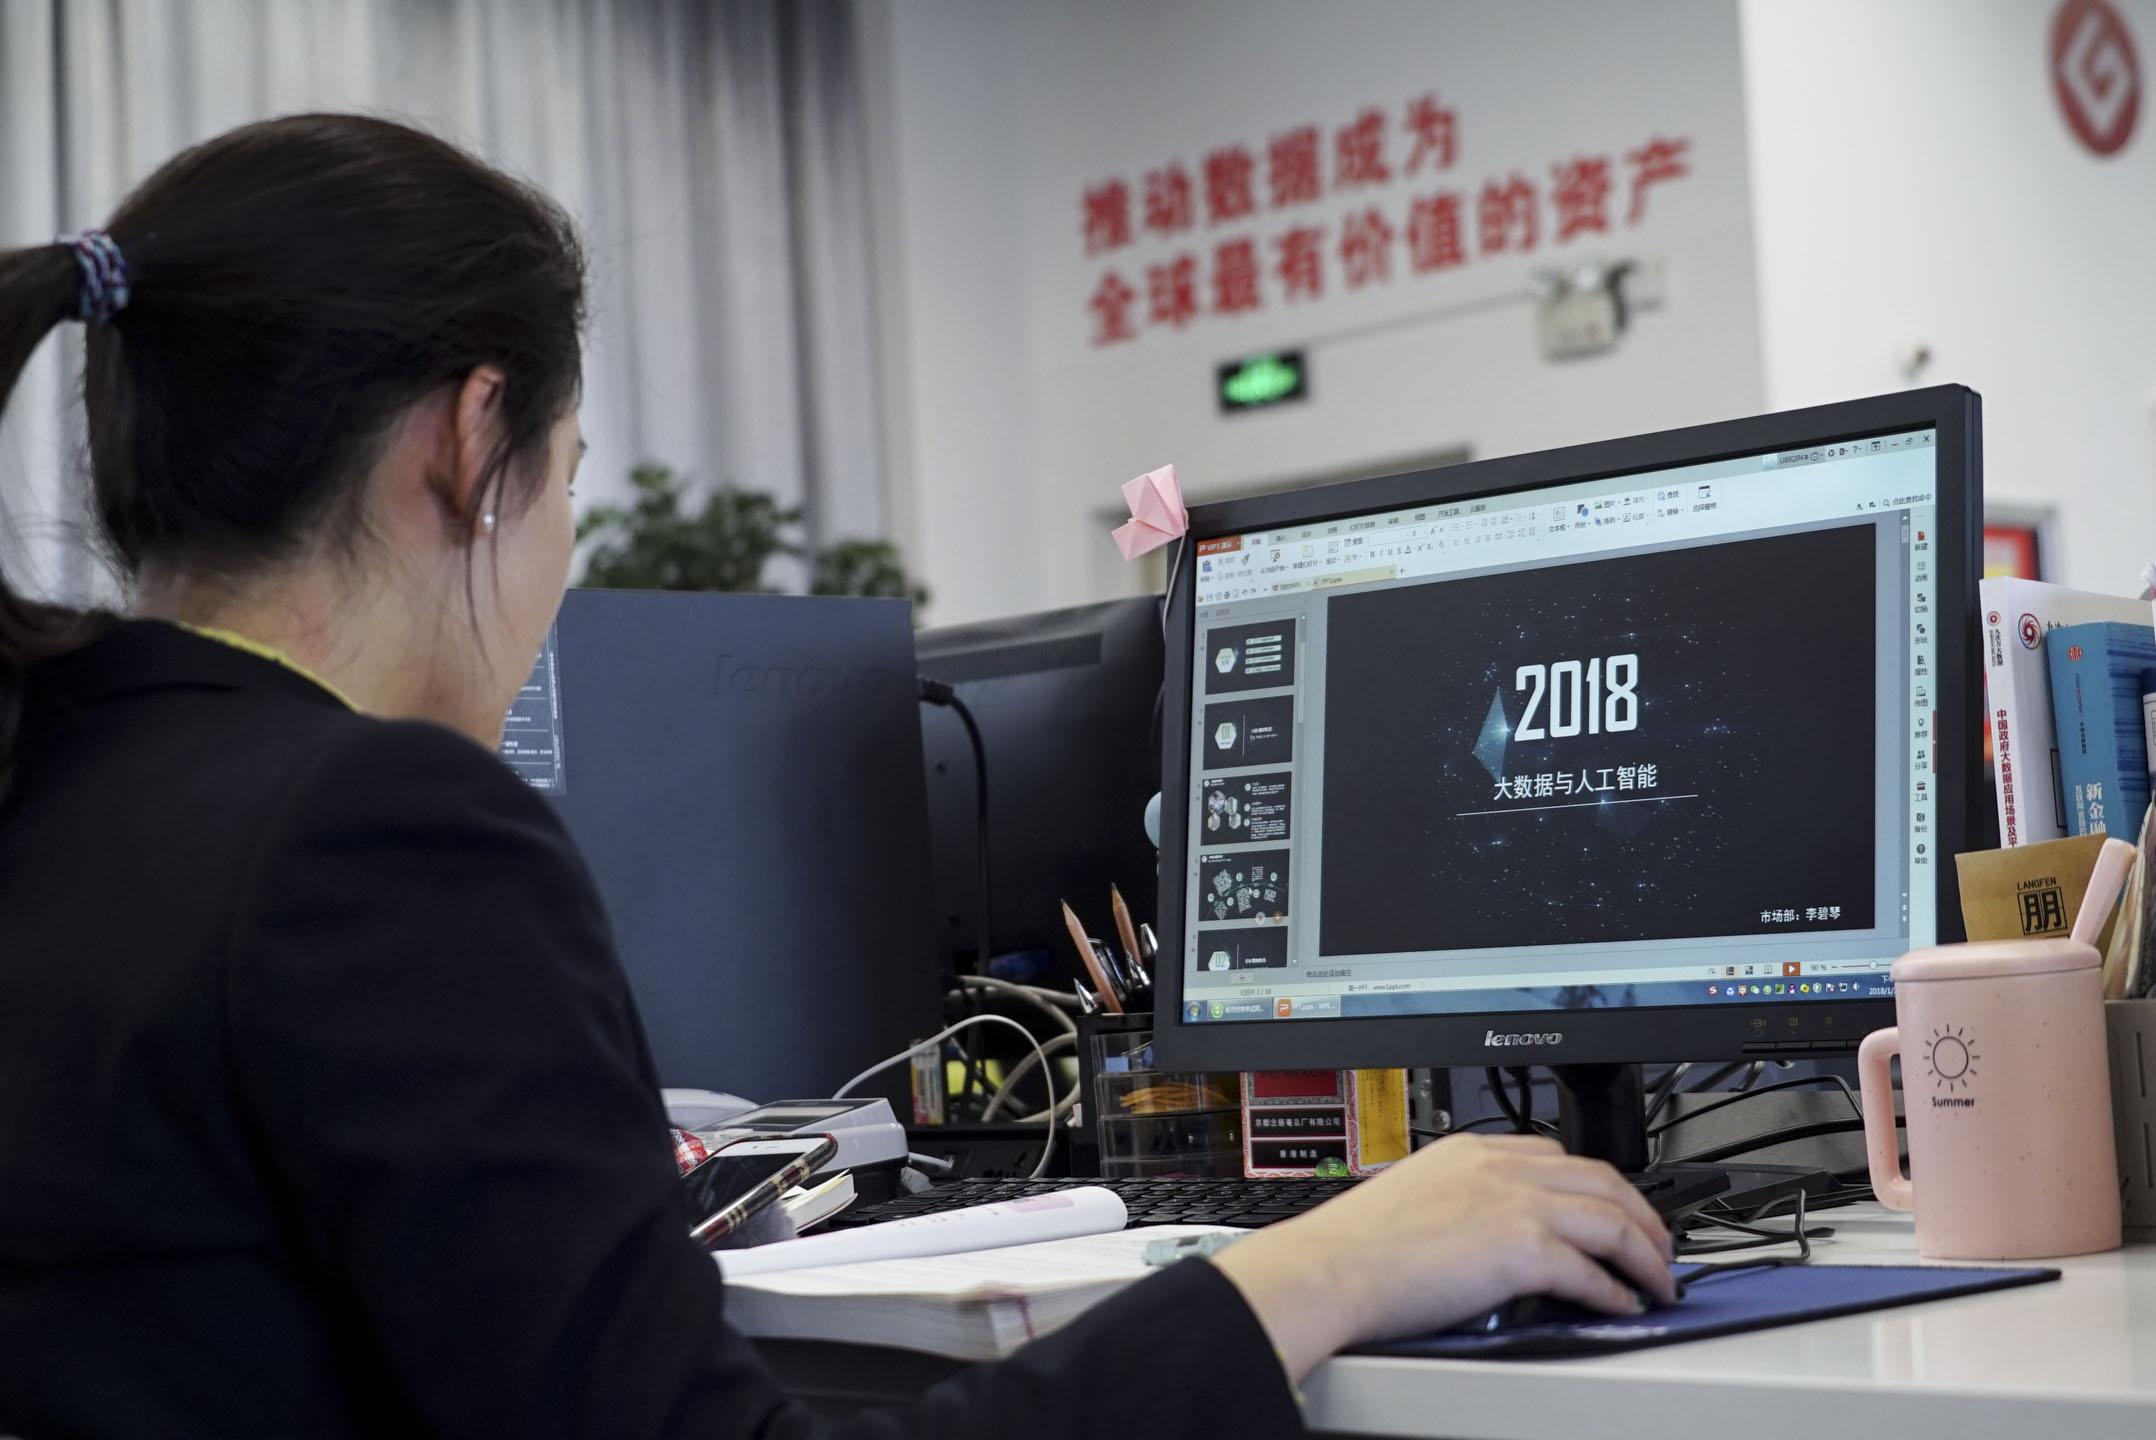 貴交所辦公室內,員工正在進行與大數據有關的工作。